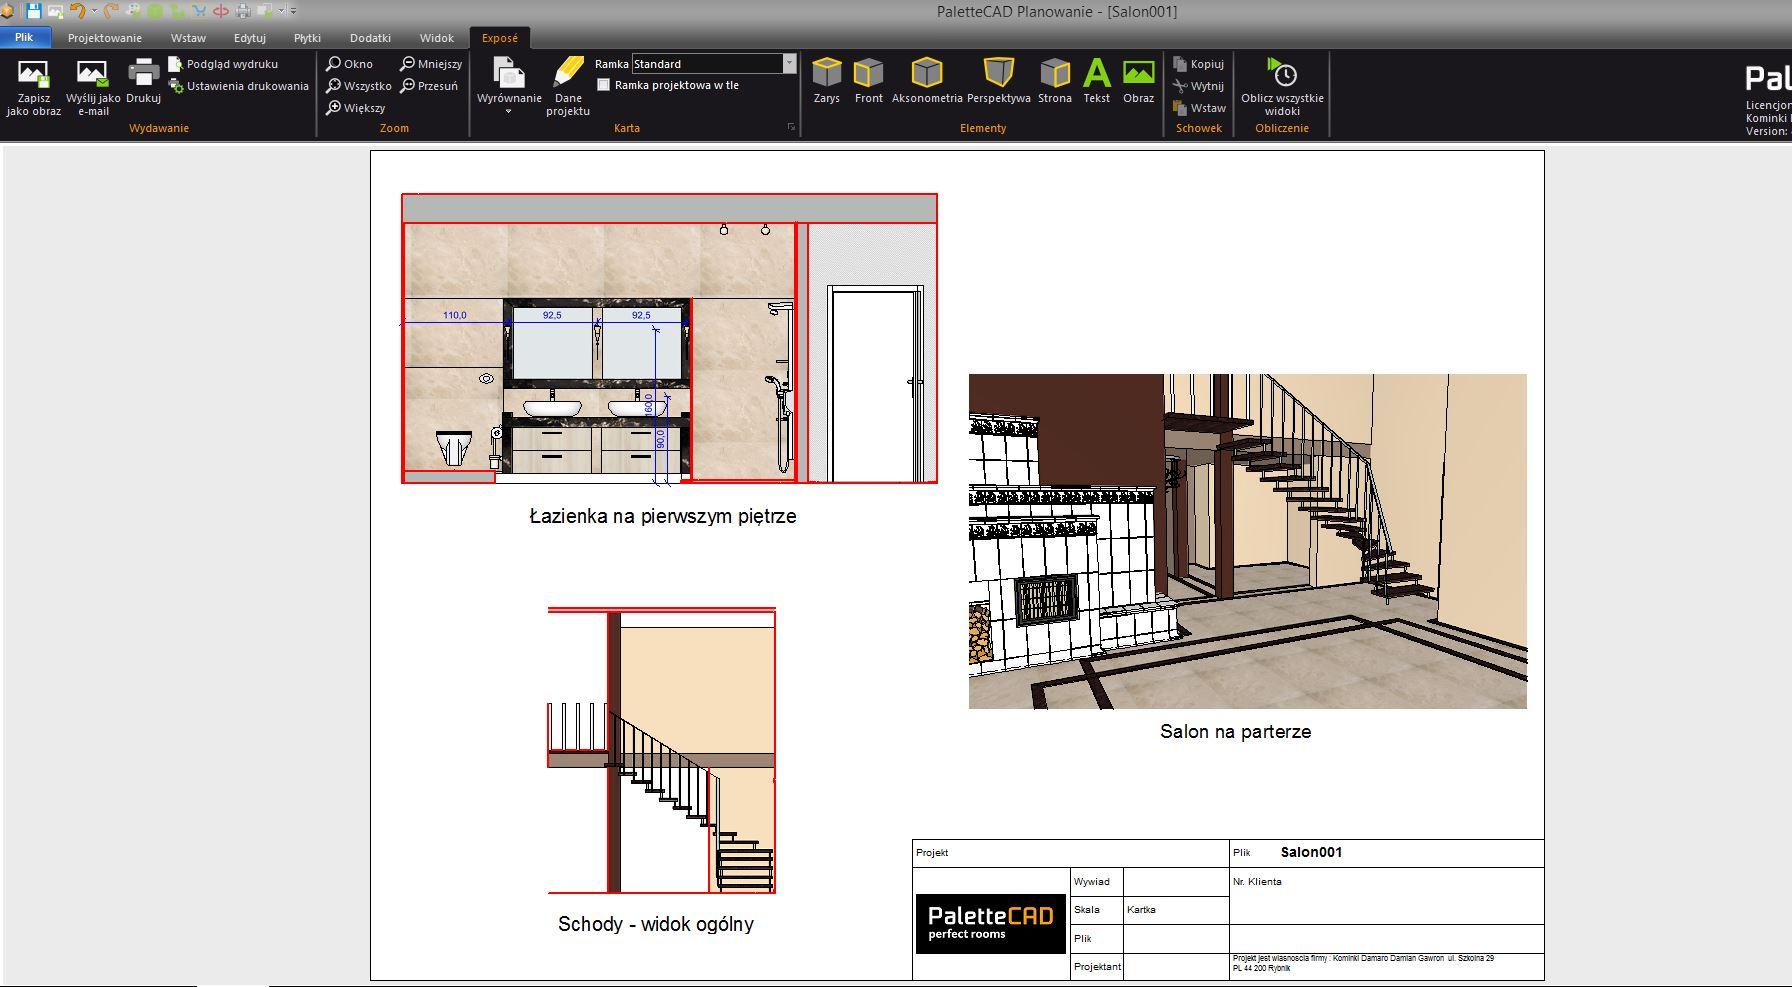 og oszenia architekci projektanci geodeci budowa remont praca oferty zlecenia. Black Bedroom Furniture Sets. Home Design Ideas